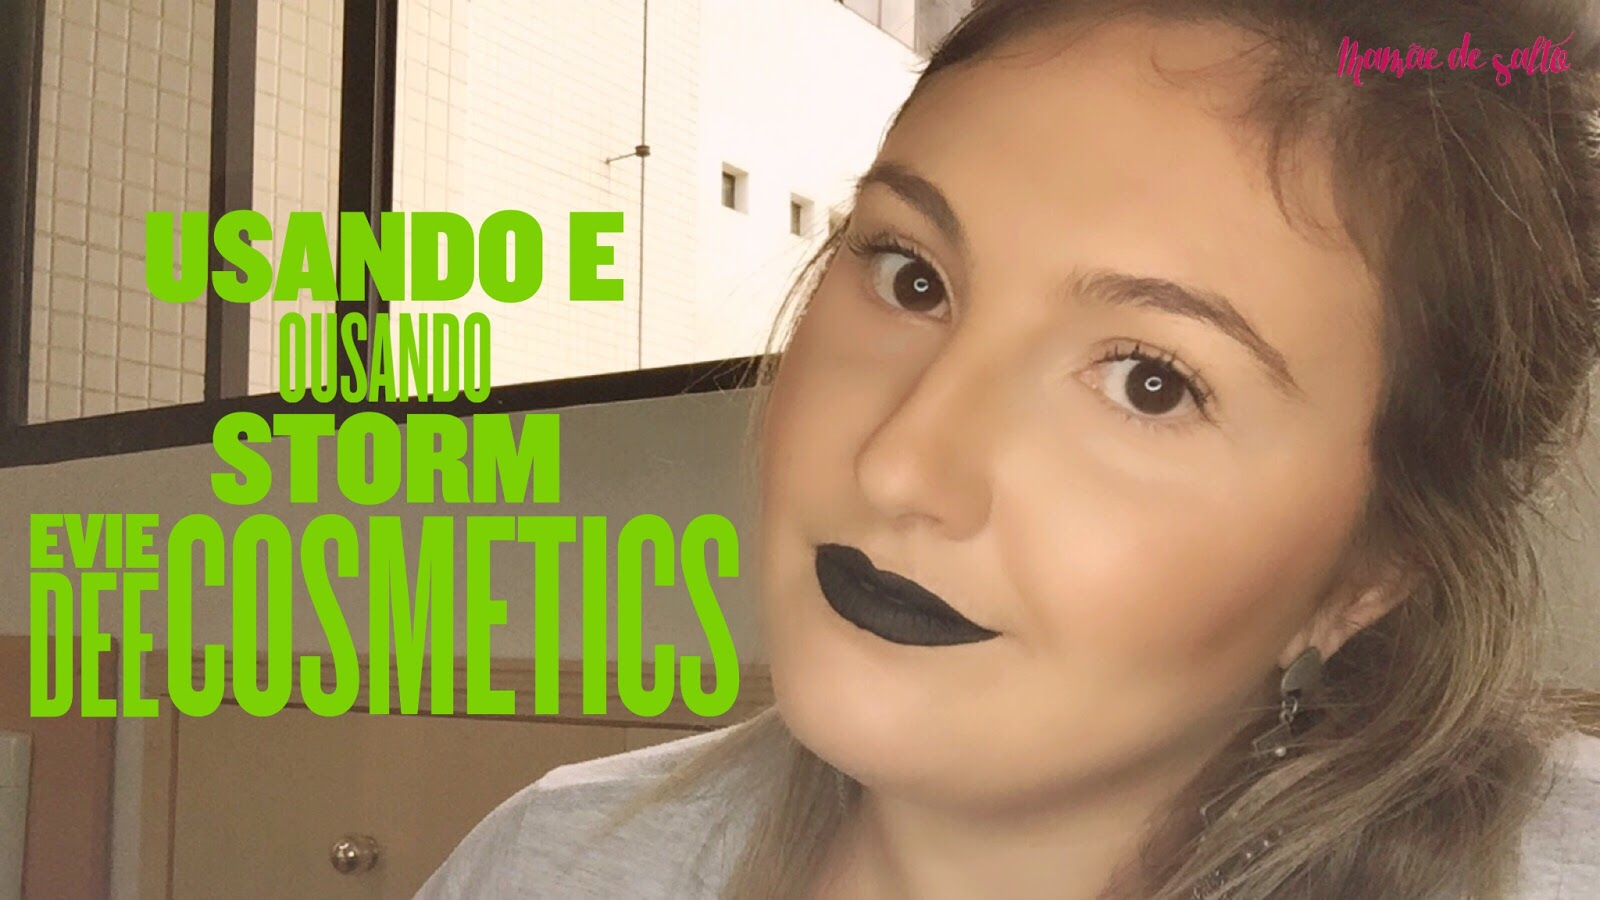 resenha batom líquido matte storm Evie Dee Cosmetics ... blog Mamãe de Salto